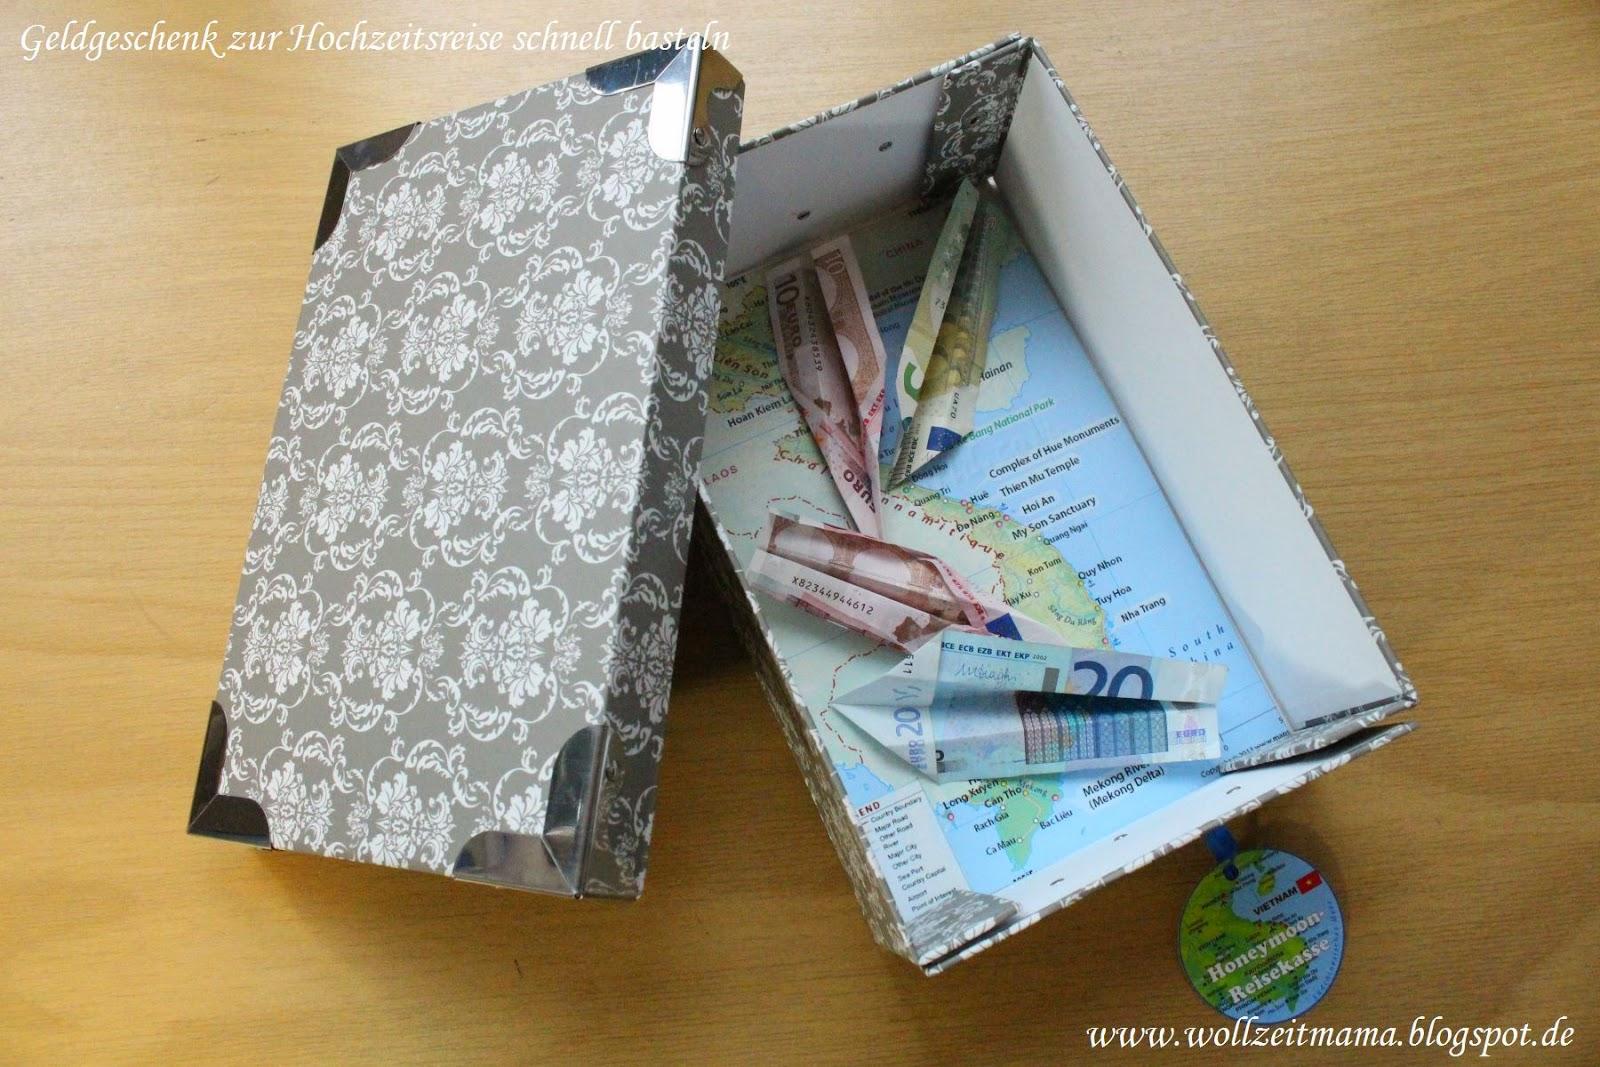 Geldgeschenk für Reise, Geburtstag oder Hochzeit schnell selbst gebastelt